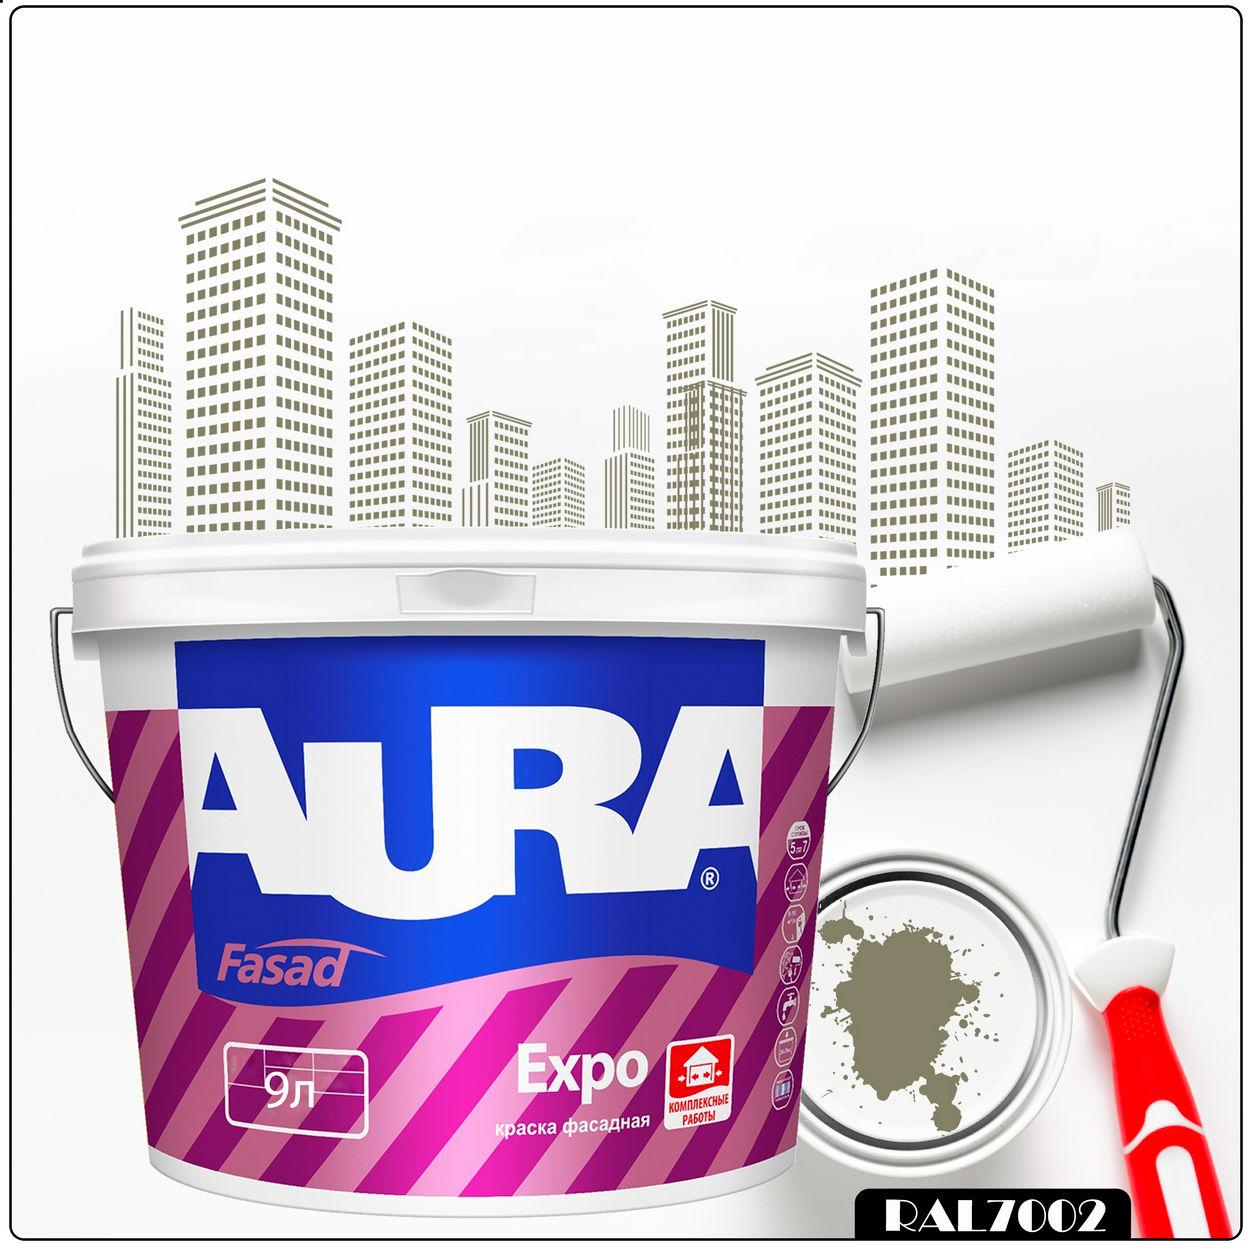 Фото 3 - Краска Aura Fasad Expo, RAL 7002 Оливково-серый, матовая, для фасадов и помещений с повышенной влажностью, 9л.